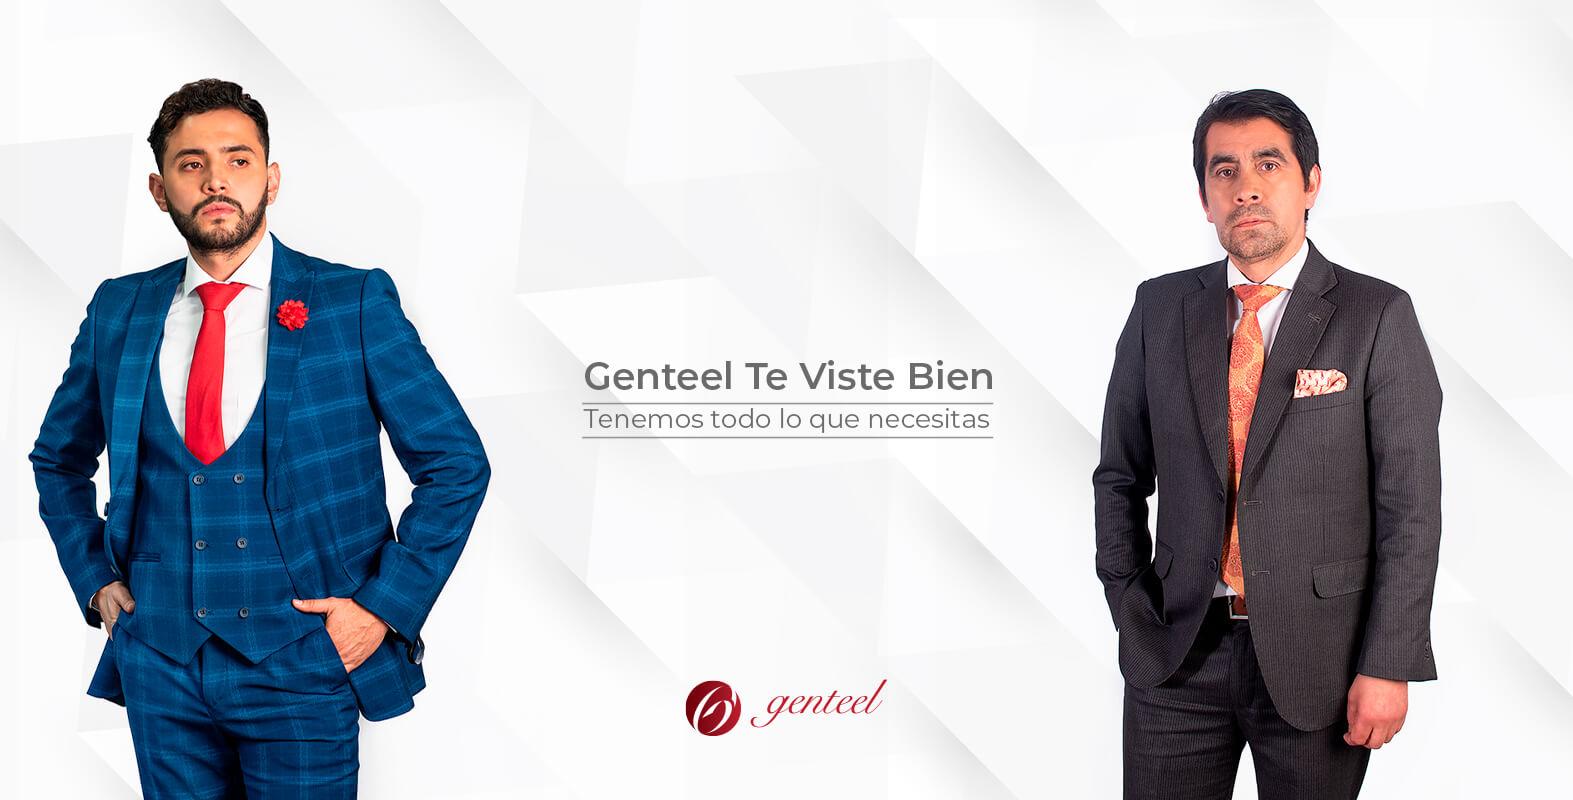 genteel_moda_trajes_formales_suit